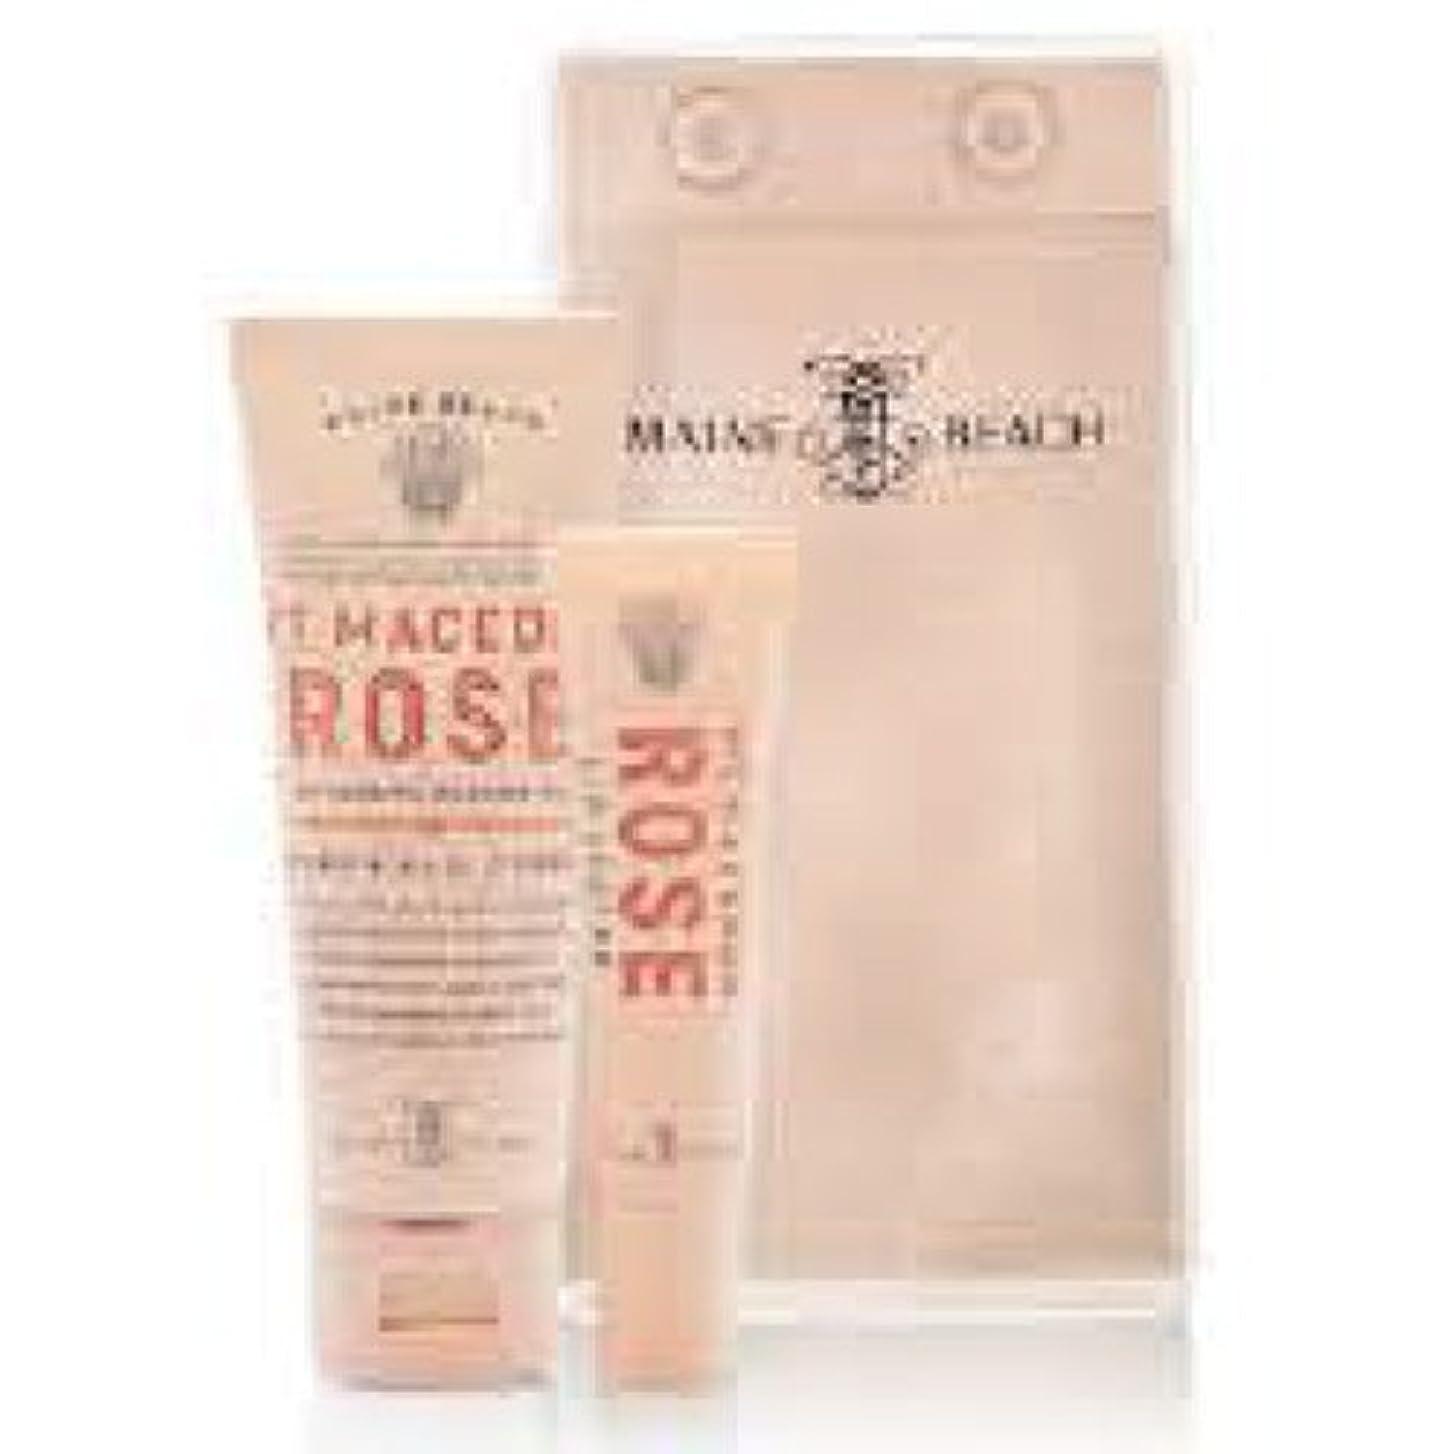 与える突然腐食するMAINE BEACH マインビーチ MT MACEDON ROSE マウント マセドン ローズ Essentials DUO Pack